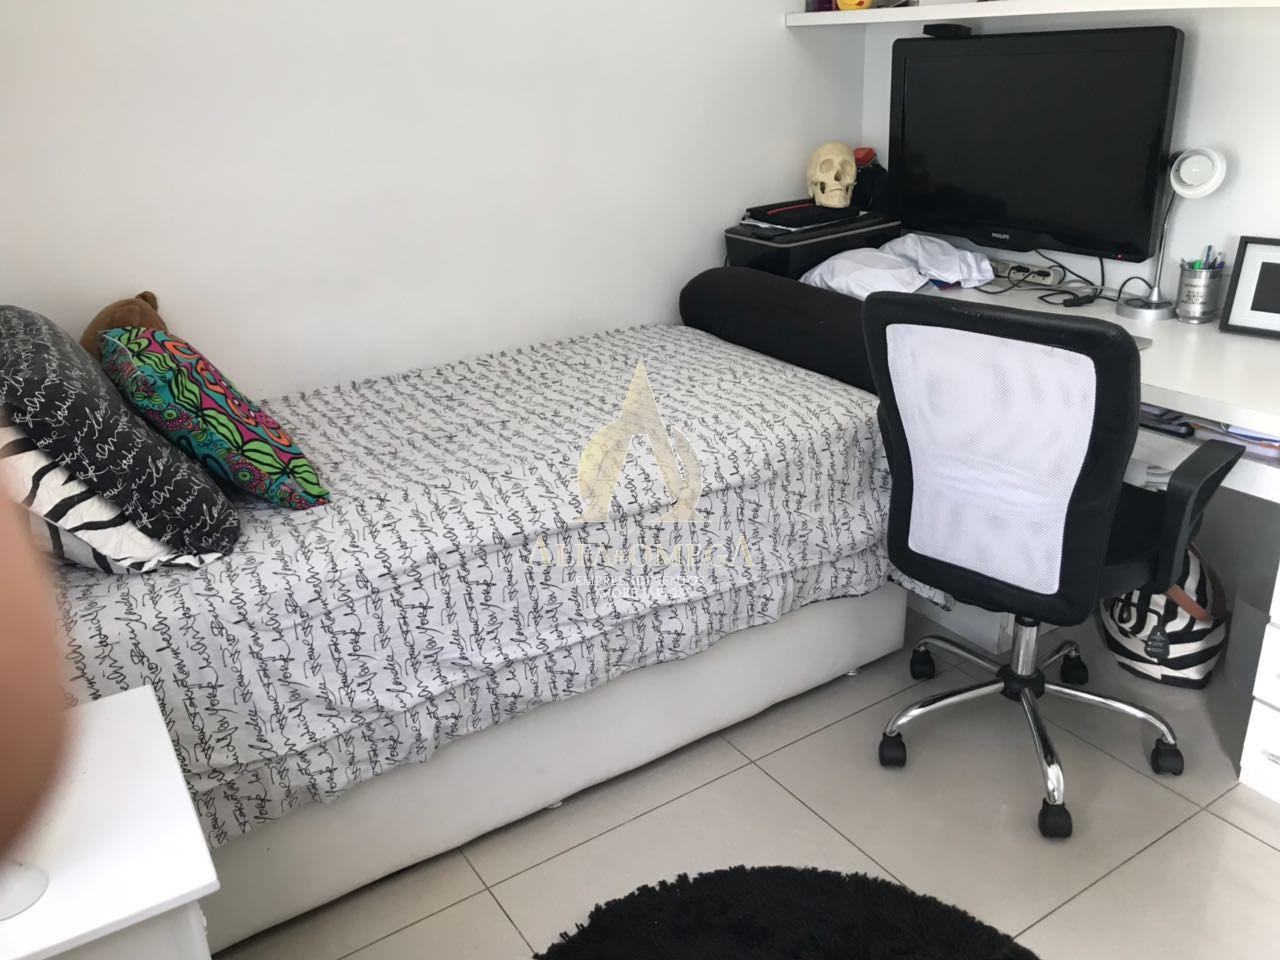 FOTO 7 - Apartamento 2 quartos para venda e aluguel Barra da Tijuca, Rio de Janeiro - R$ 770.000 - AOMH20321 - 8